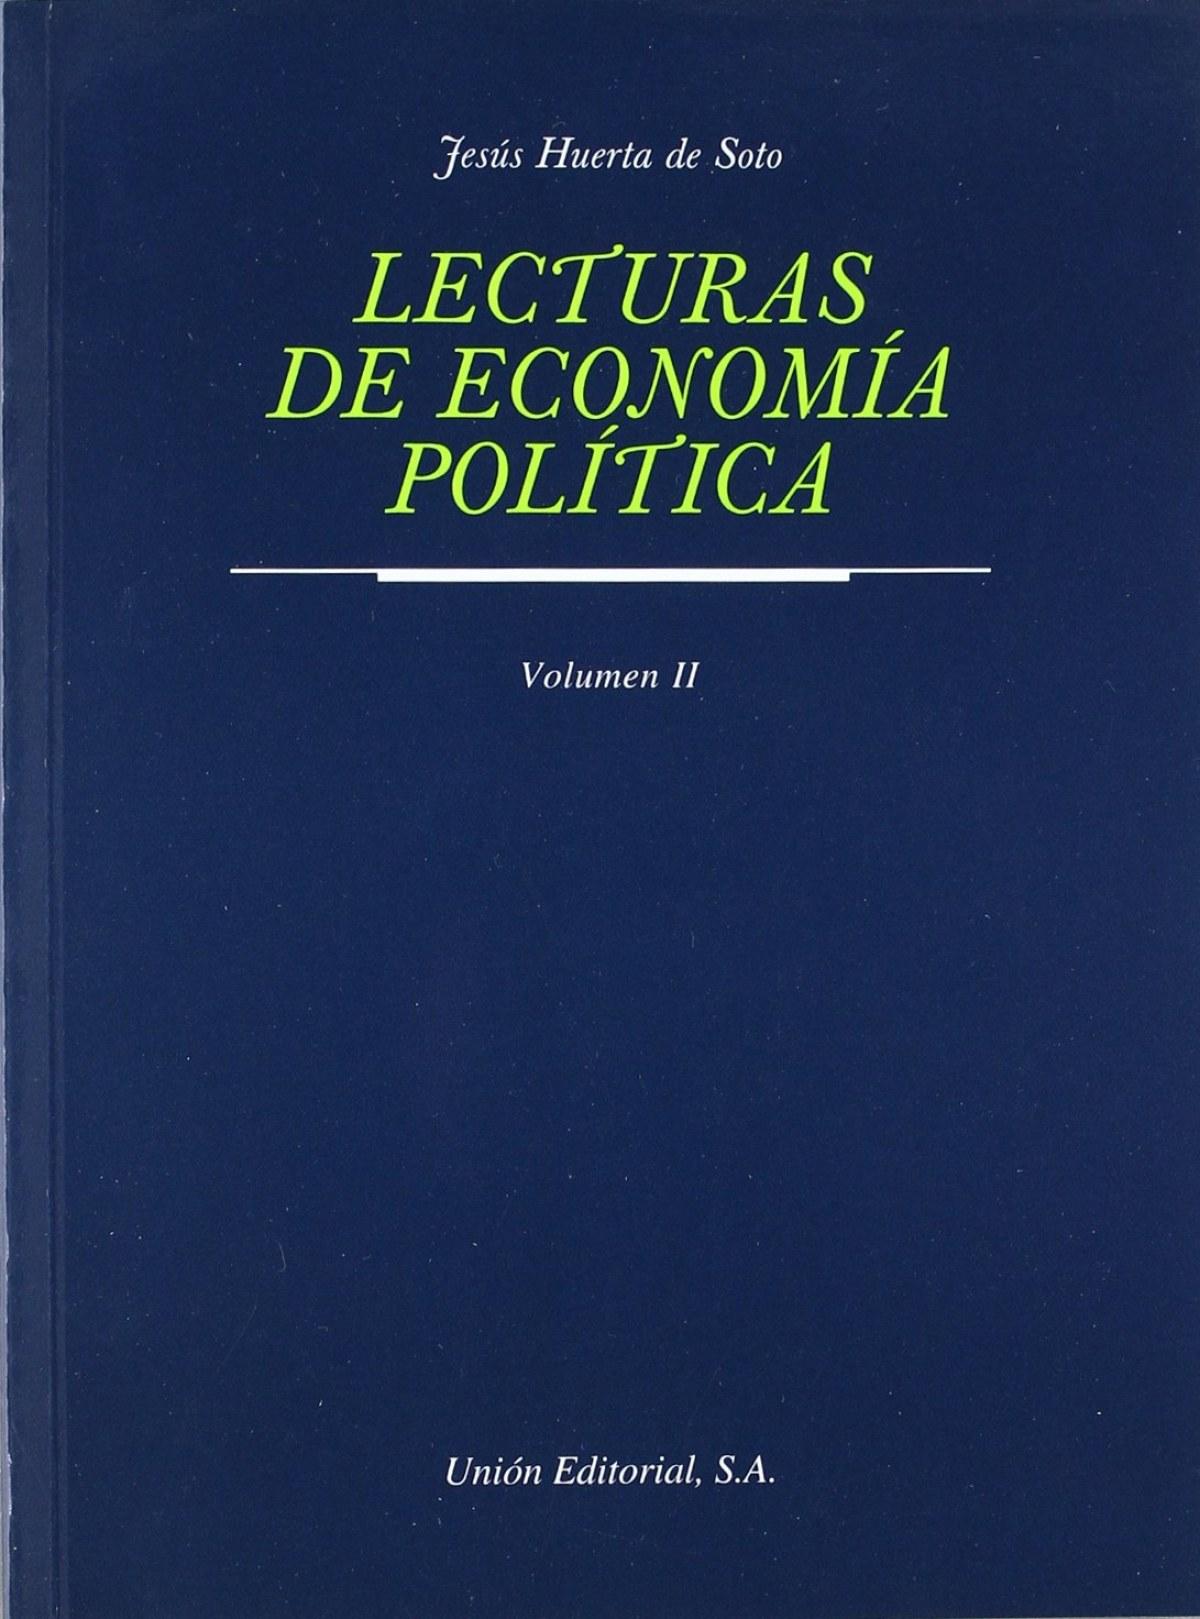 Lecturas De Economia Politica Ii